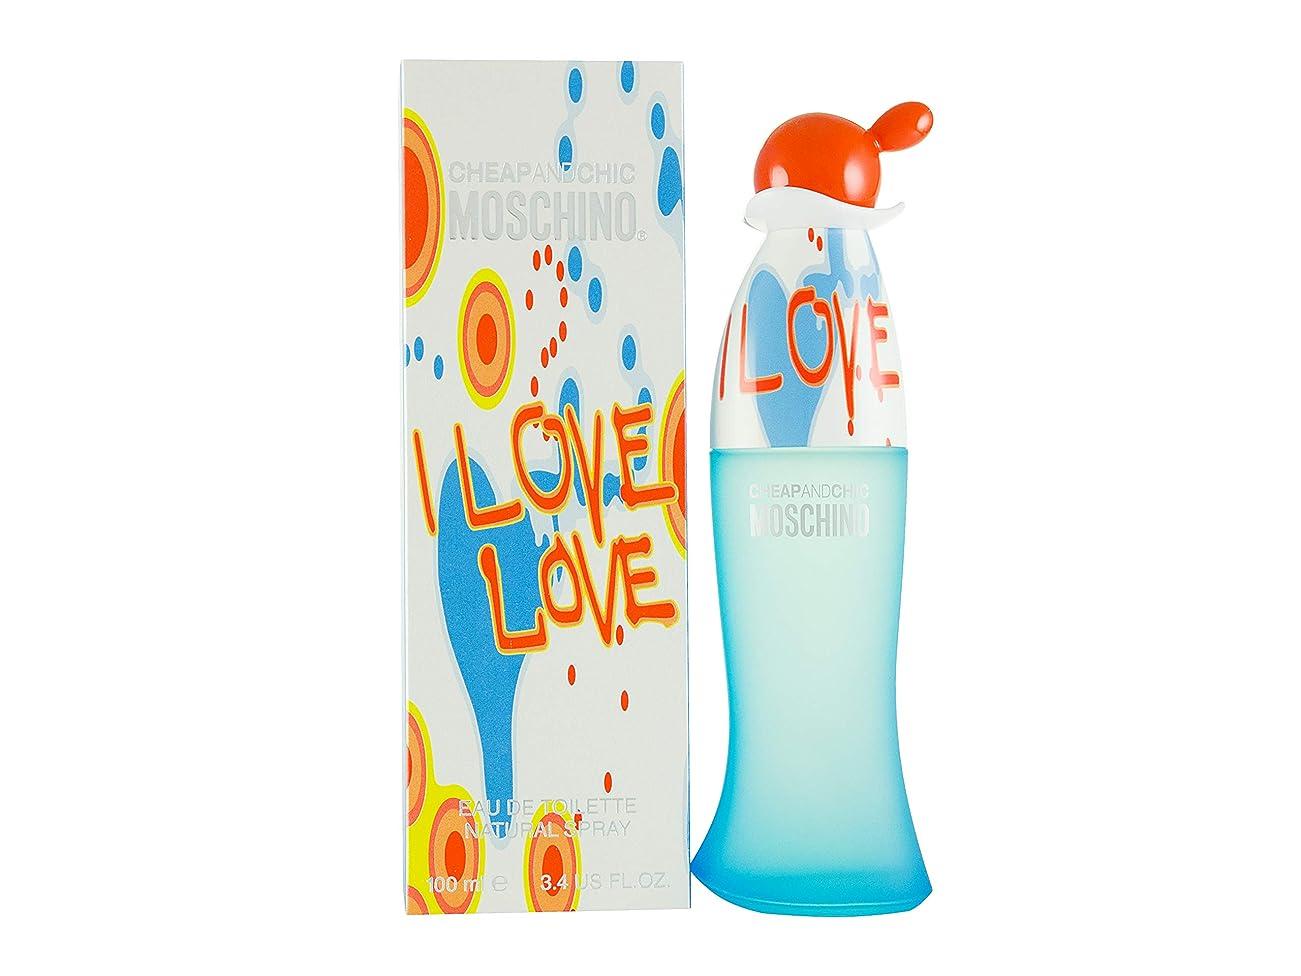 ビリーヤギドレス性差別I Love Love by Moschino Eau De Toilette Spray 3.4 oz / 100 ml (Women)